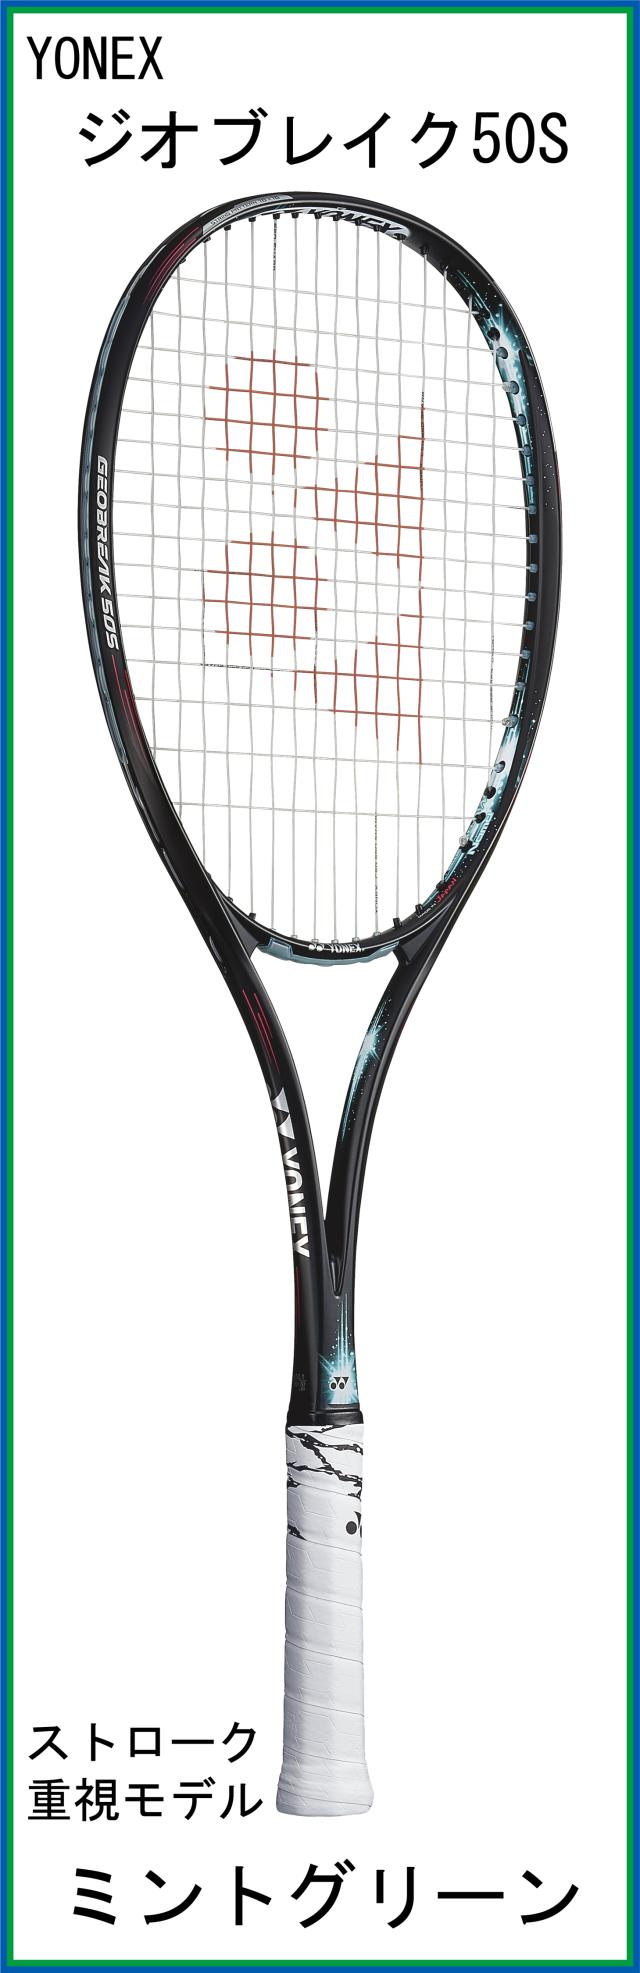 【新デザインラケット】 ヨネックス GEOBREAK 50S ジオブレイク50S (ミントグリーン) 【2月中旬発売】